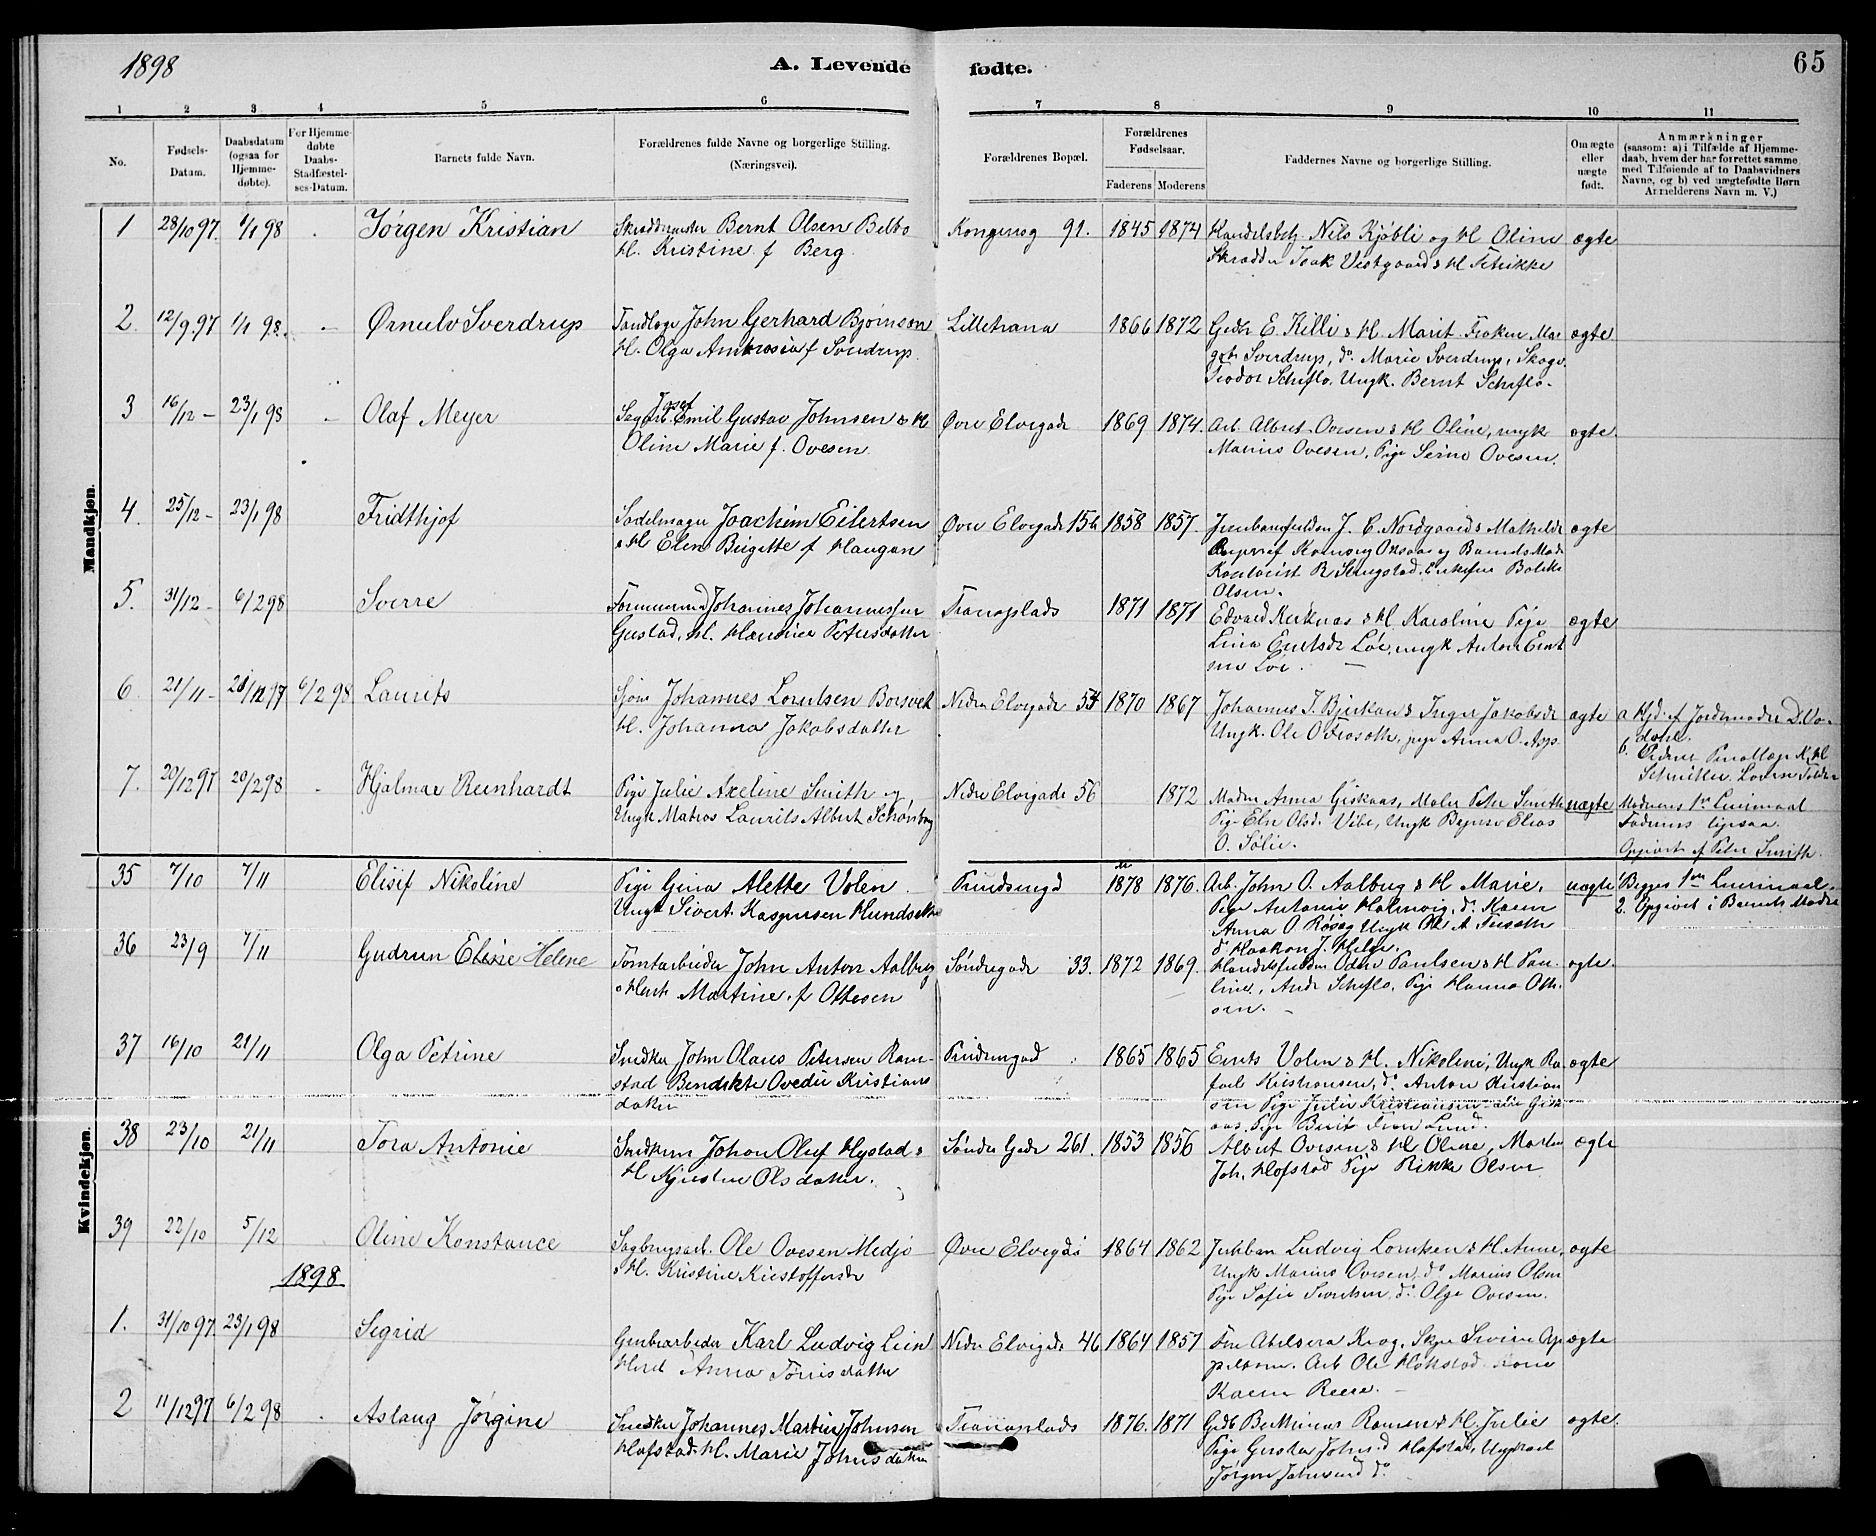 SAT, Ministerialprotokoller, klokkerbøker og fødselsregistre - Nord-Trøndelag, 739/L0374: Klokkerbok nr. 739C02, 1883-1898, s. 65